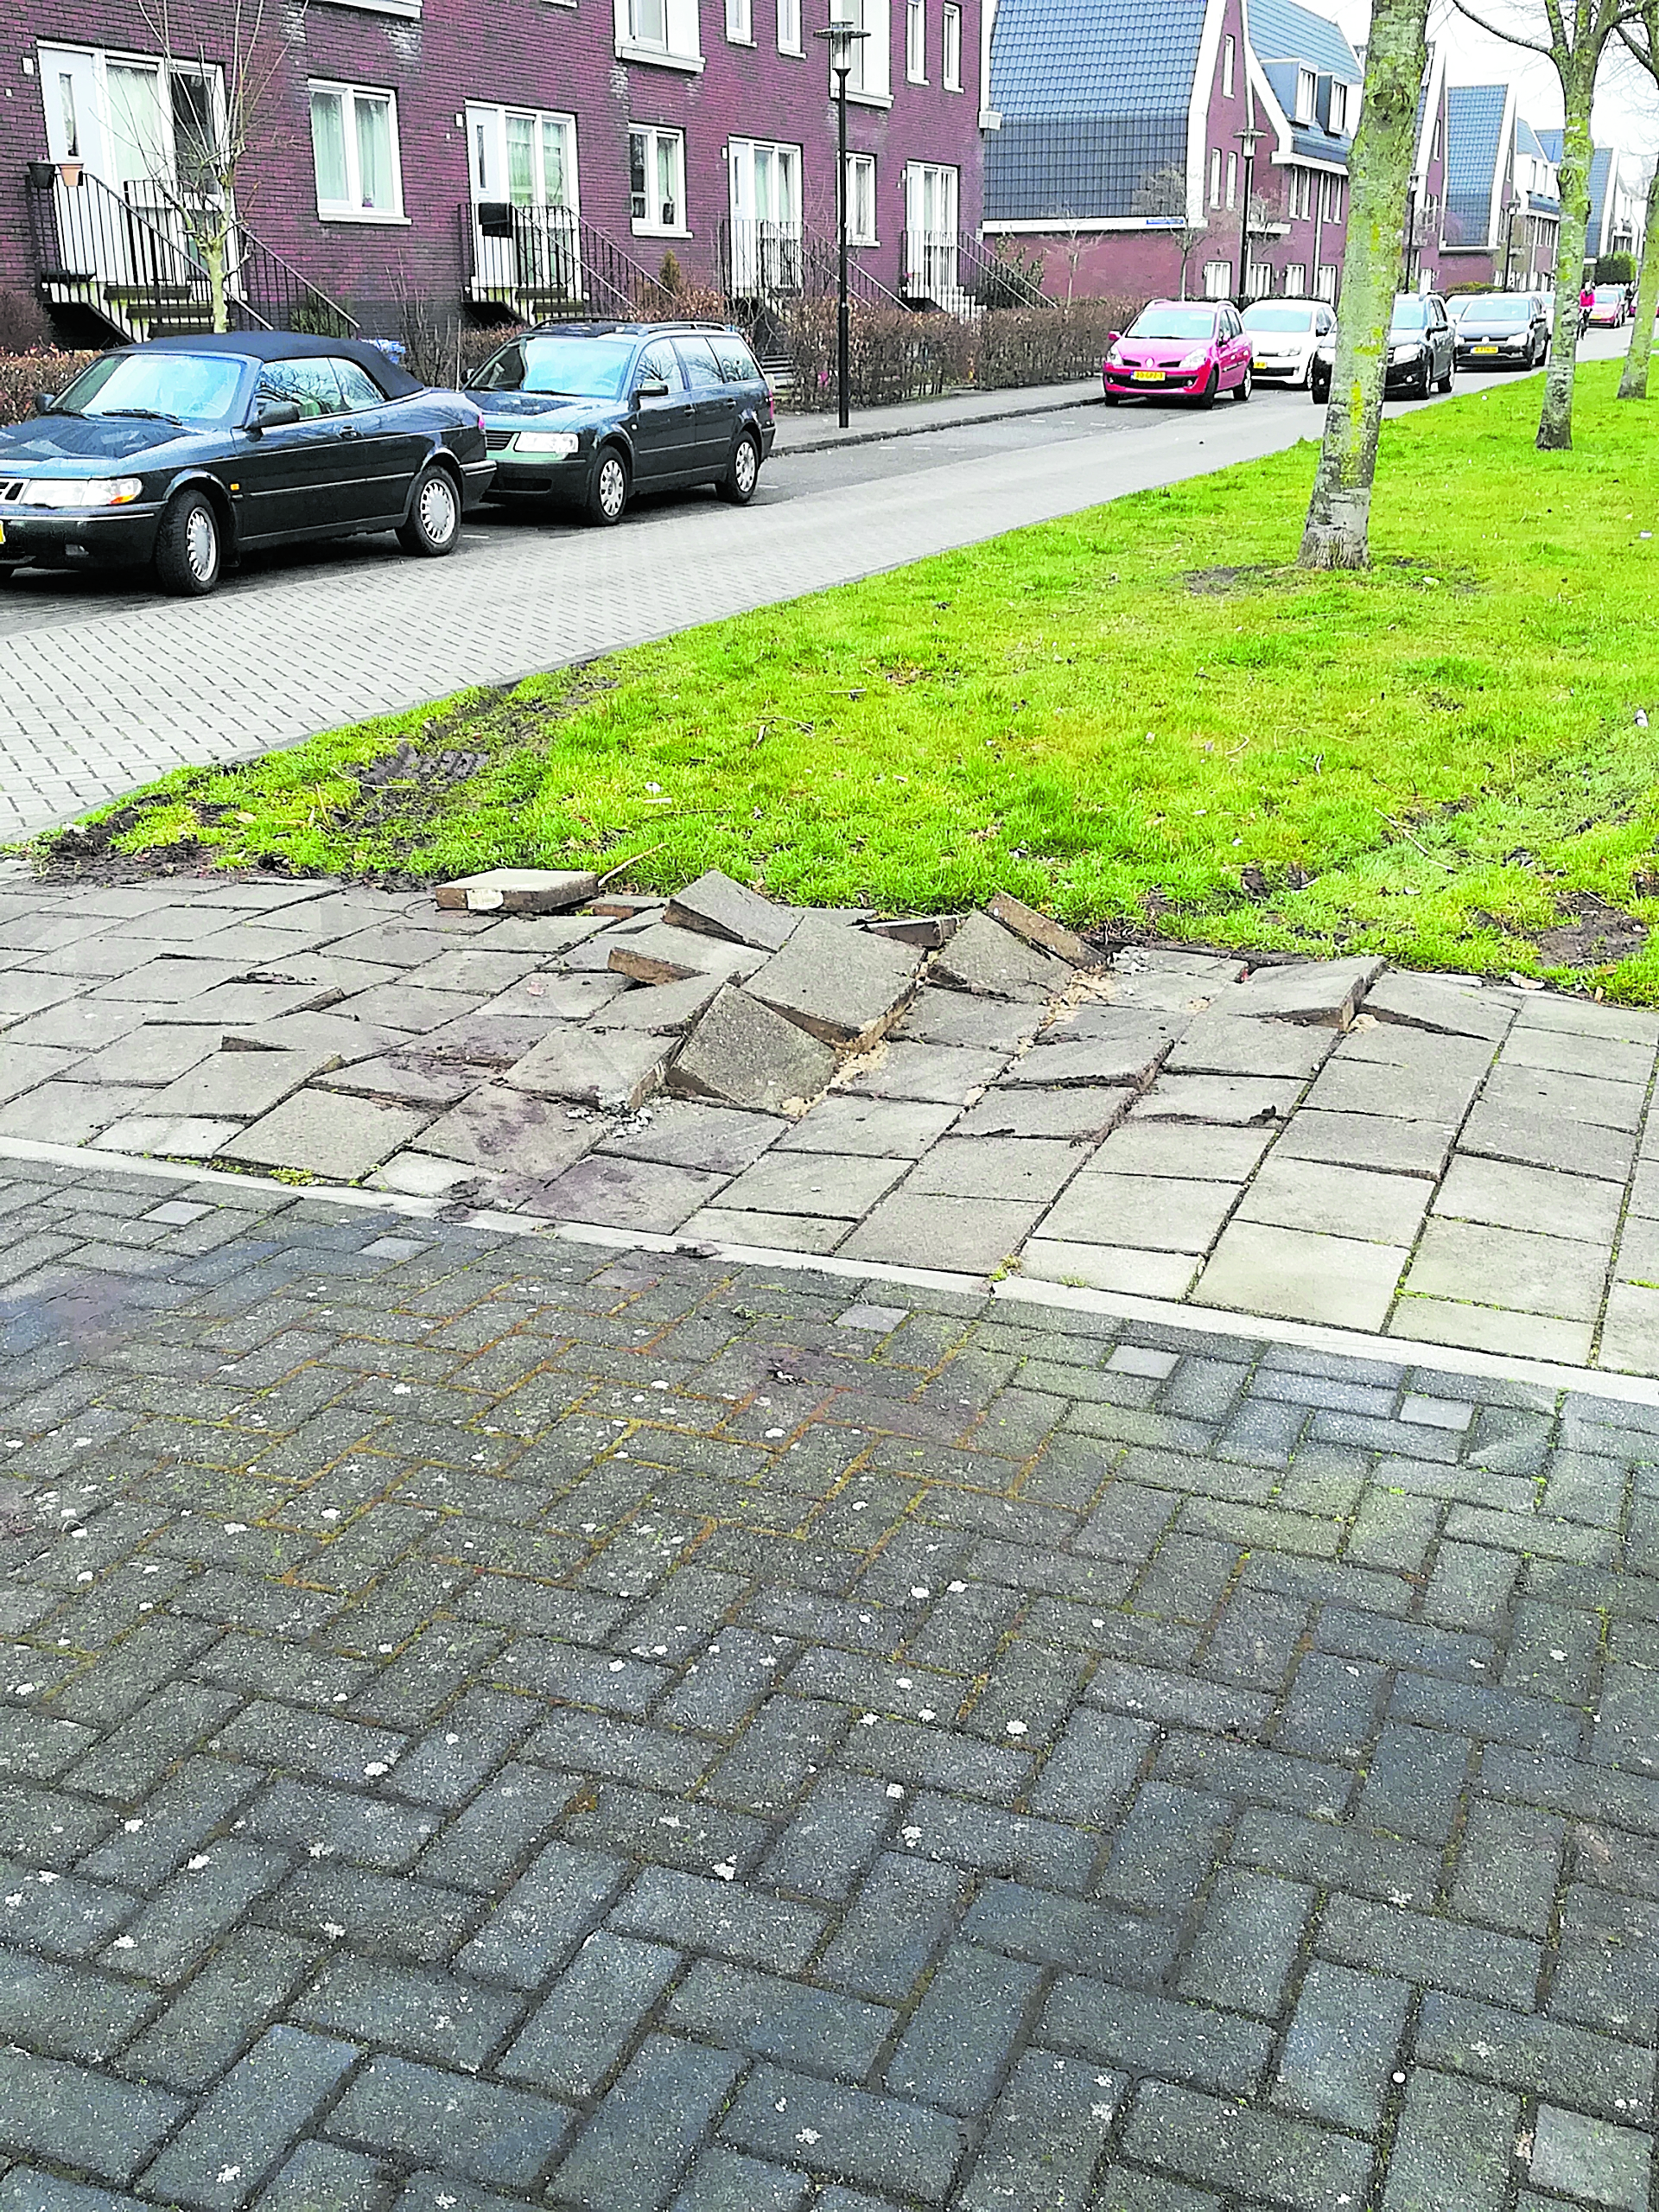 zijlijnstraat tegels kapot door vrachtverkeer